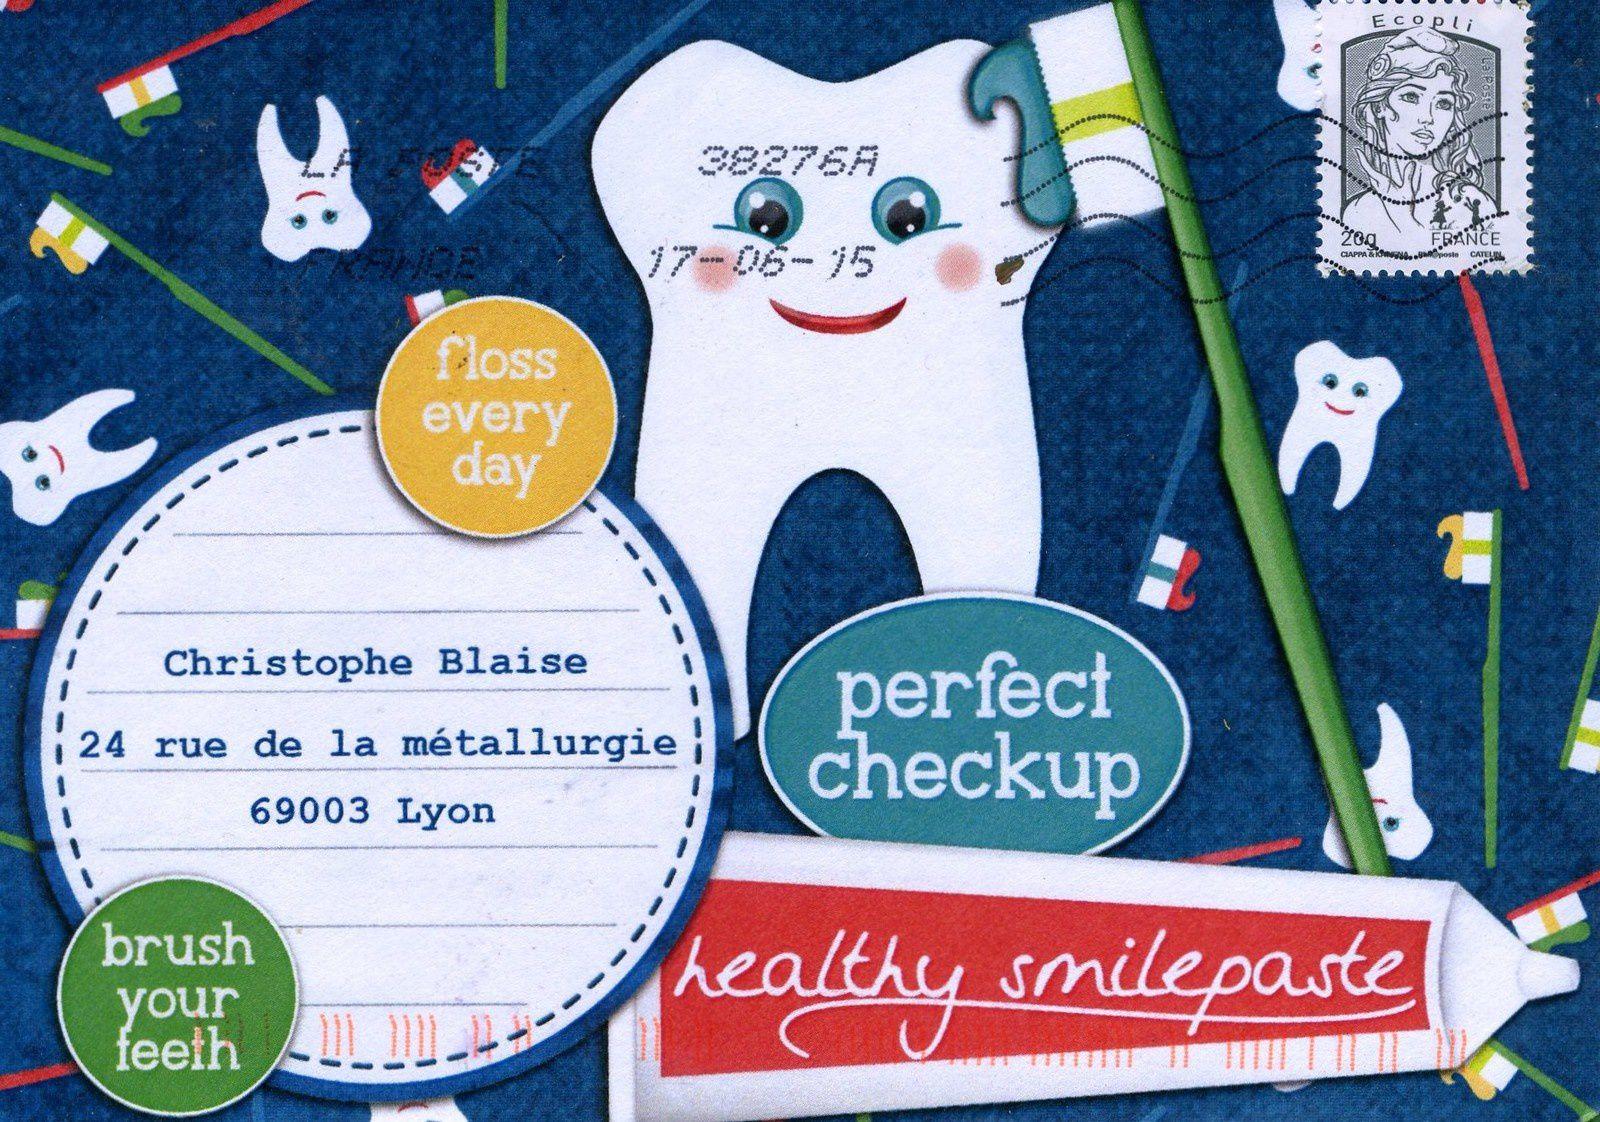 L'hygiène bucco-dentaire racontée aux enfants